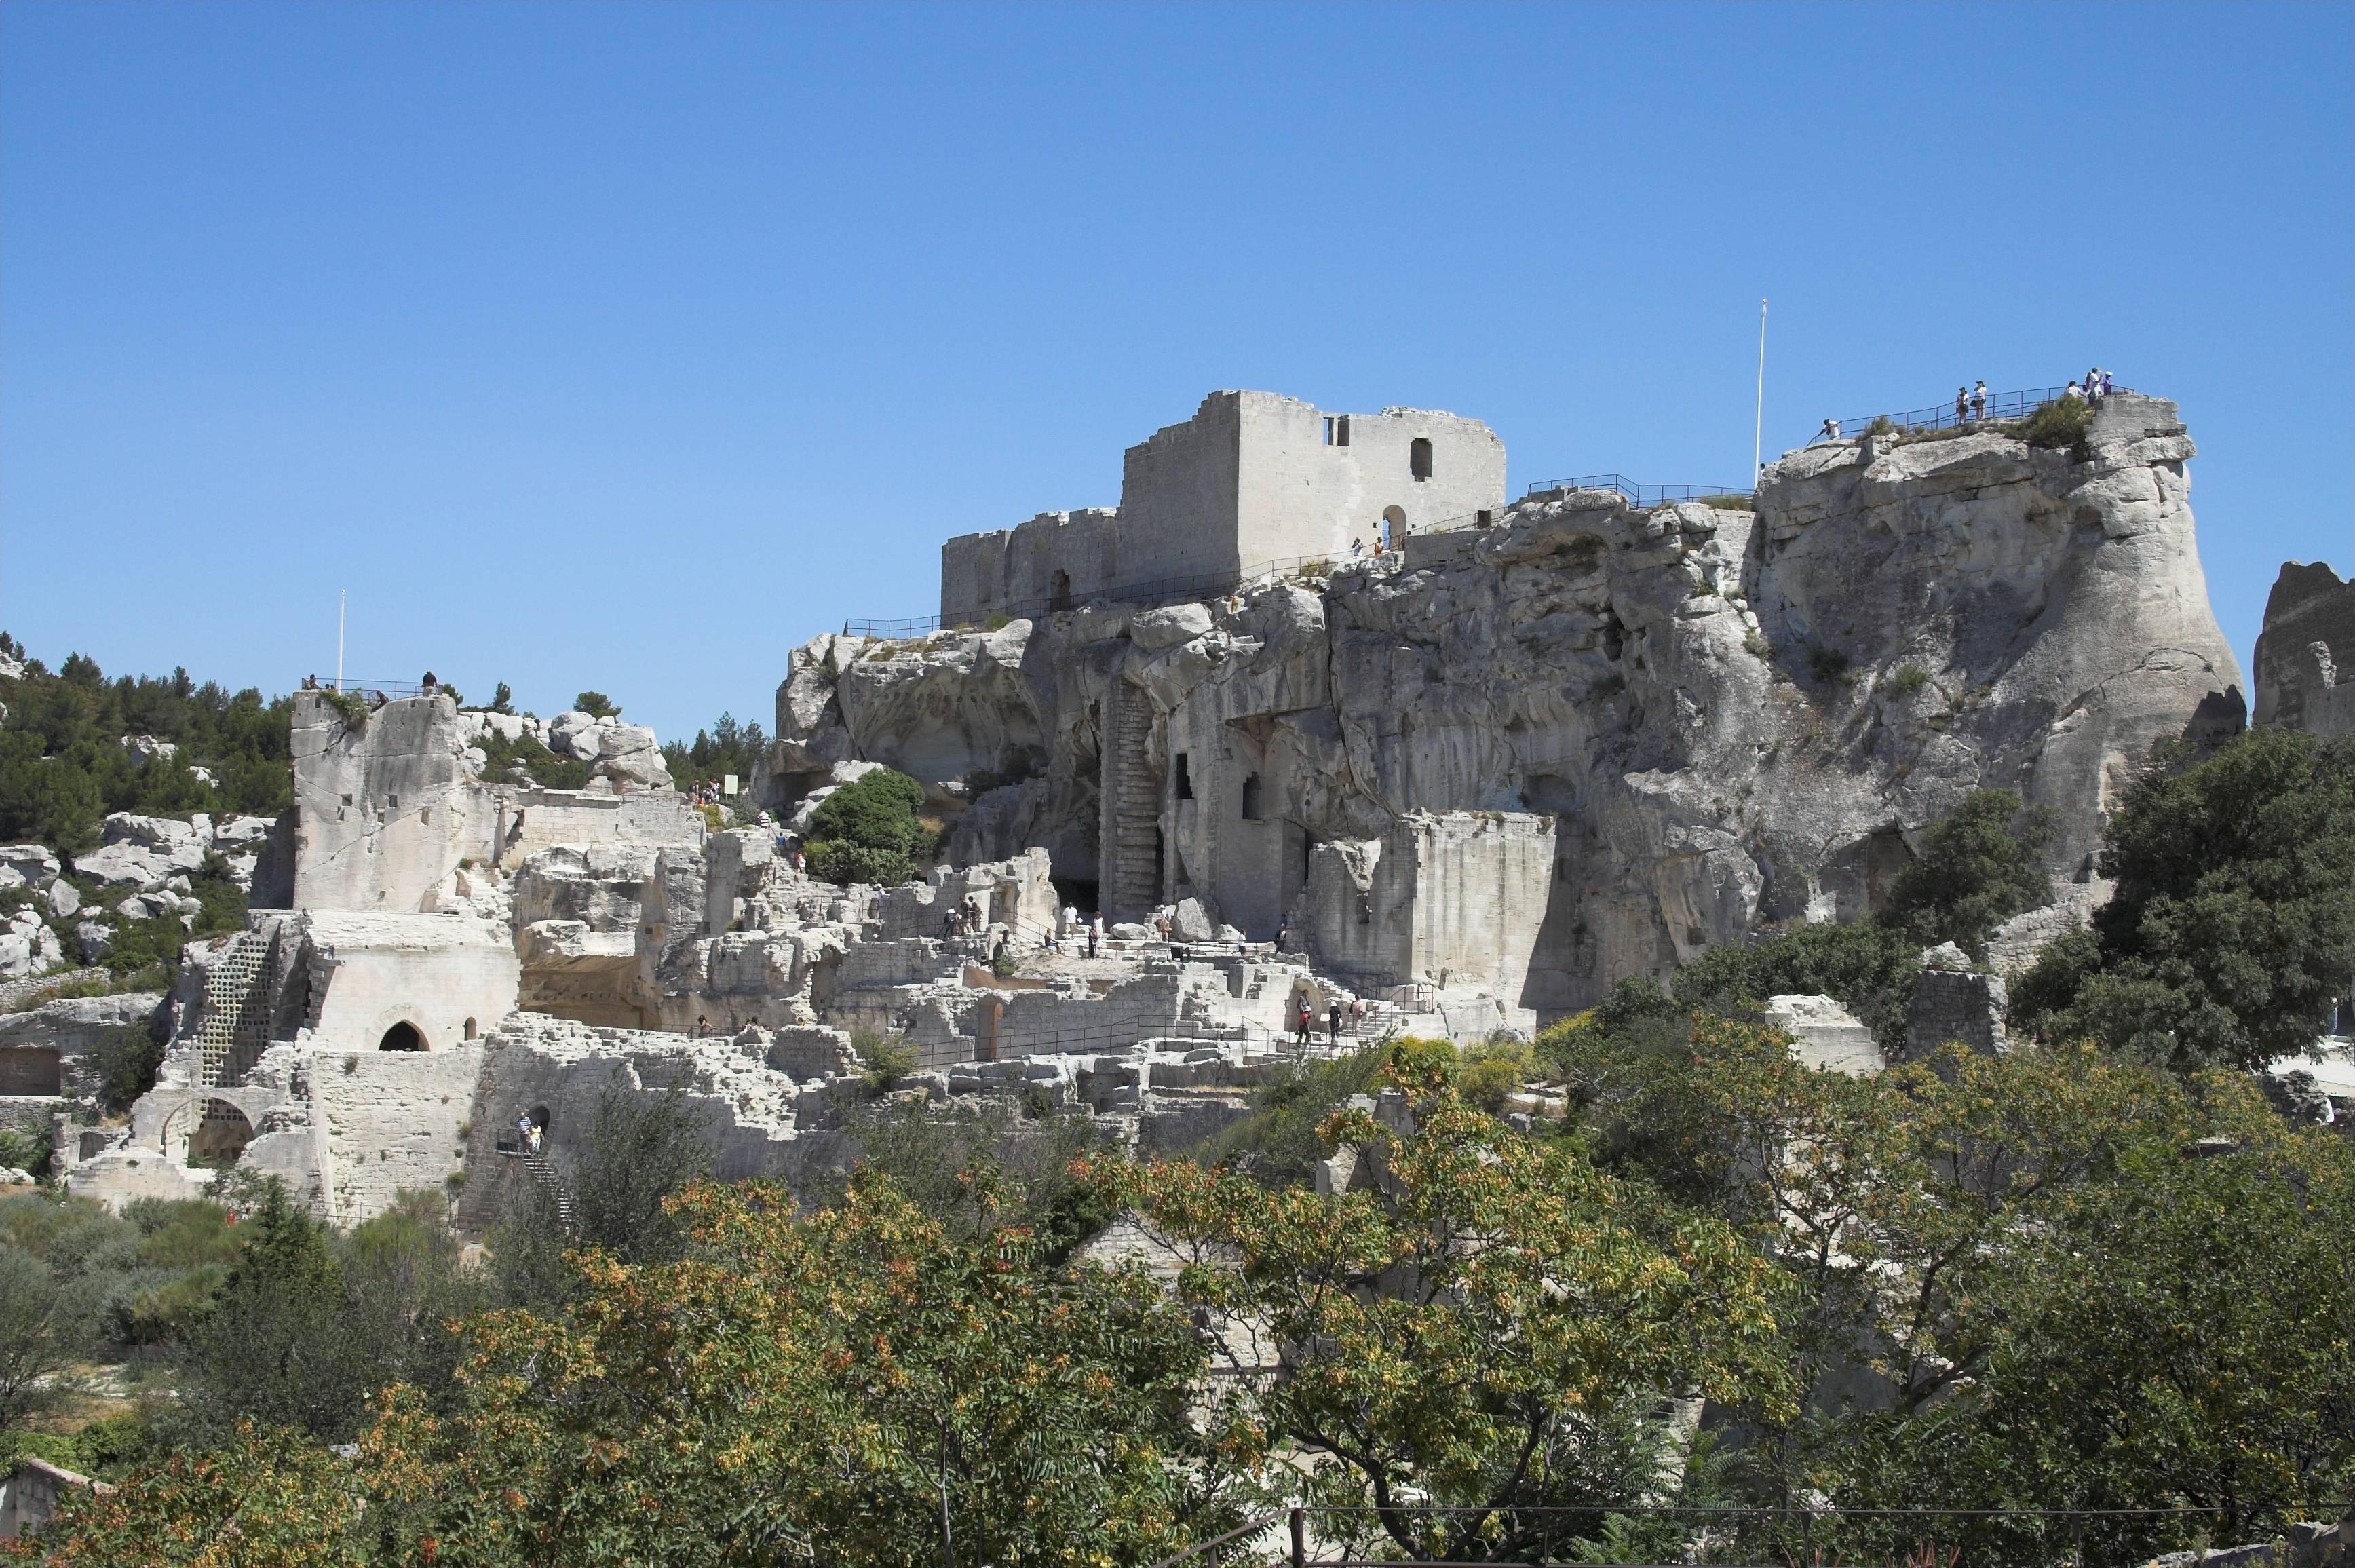 Les Baux-de-Provence France  city pictures gallery : Pin Les Baux De Provence France on Pinterest